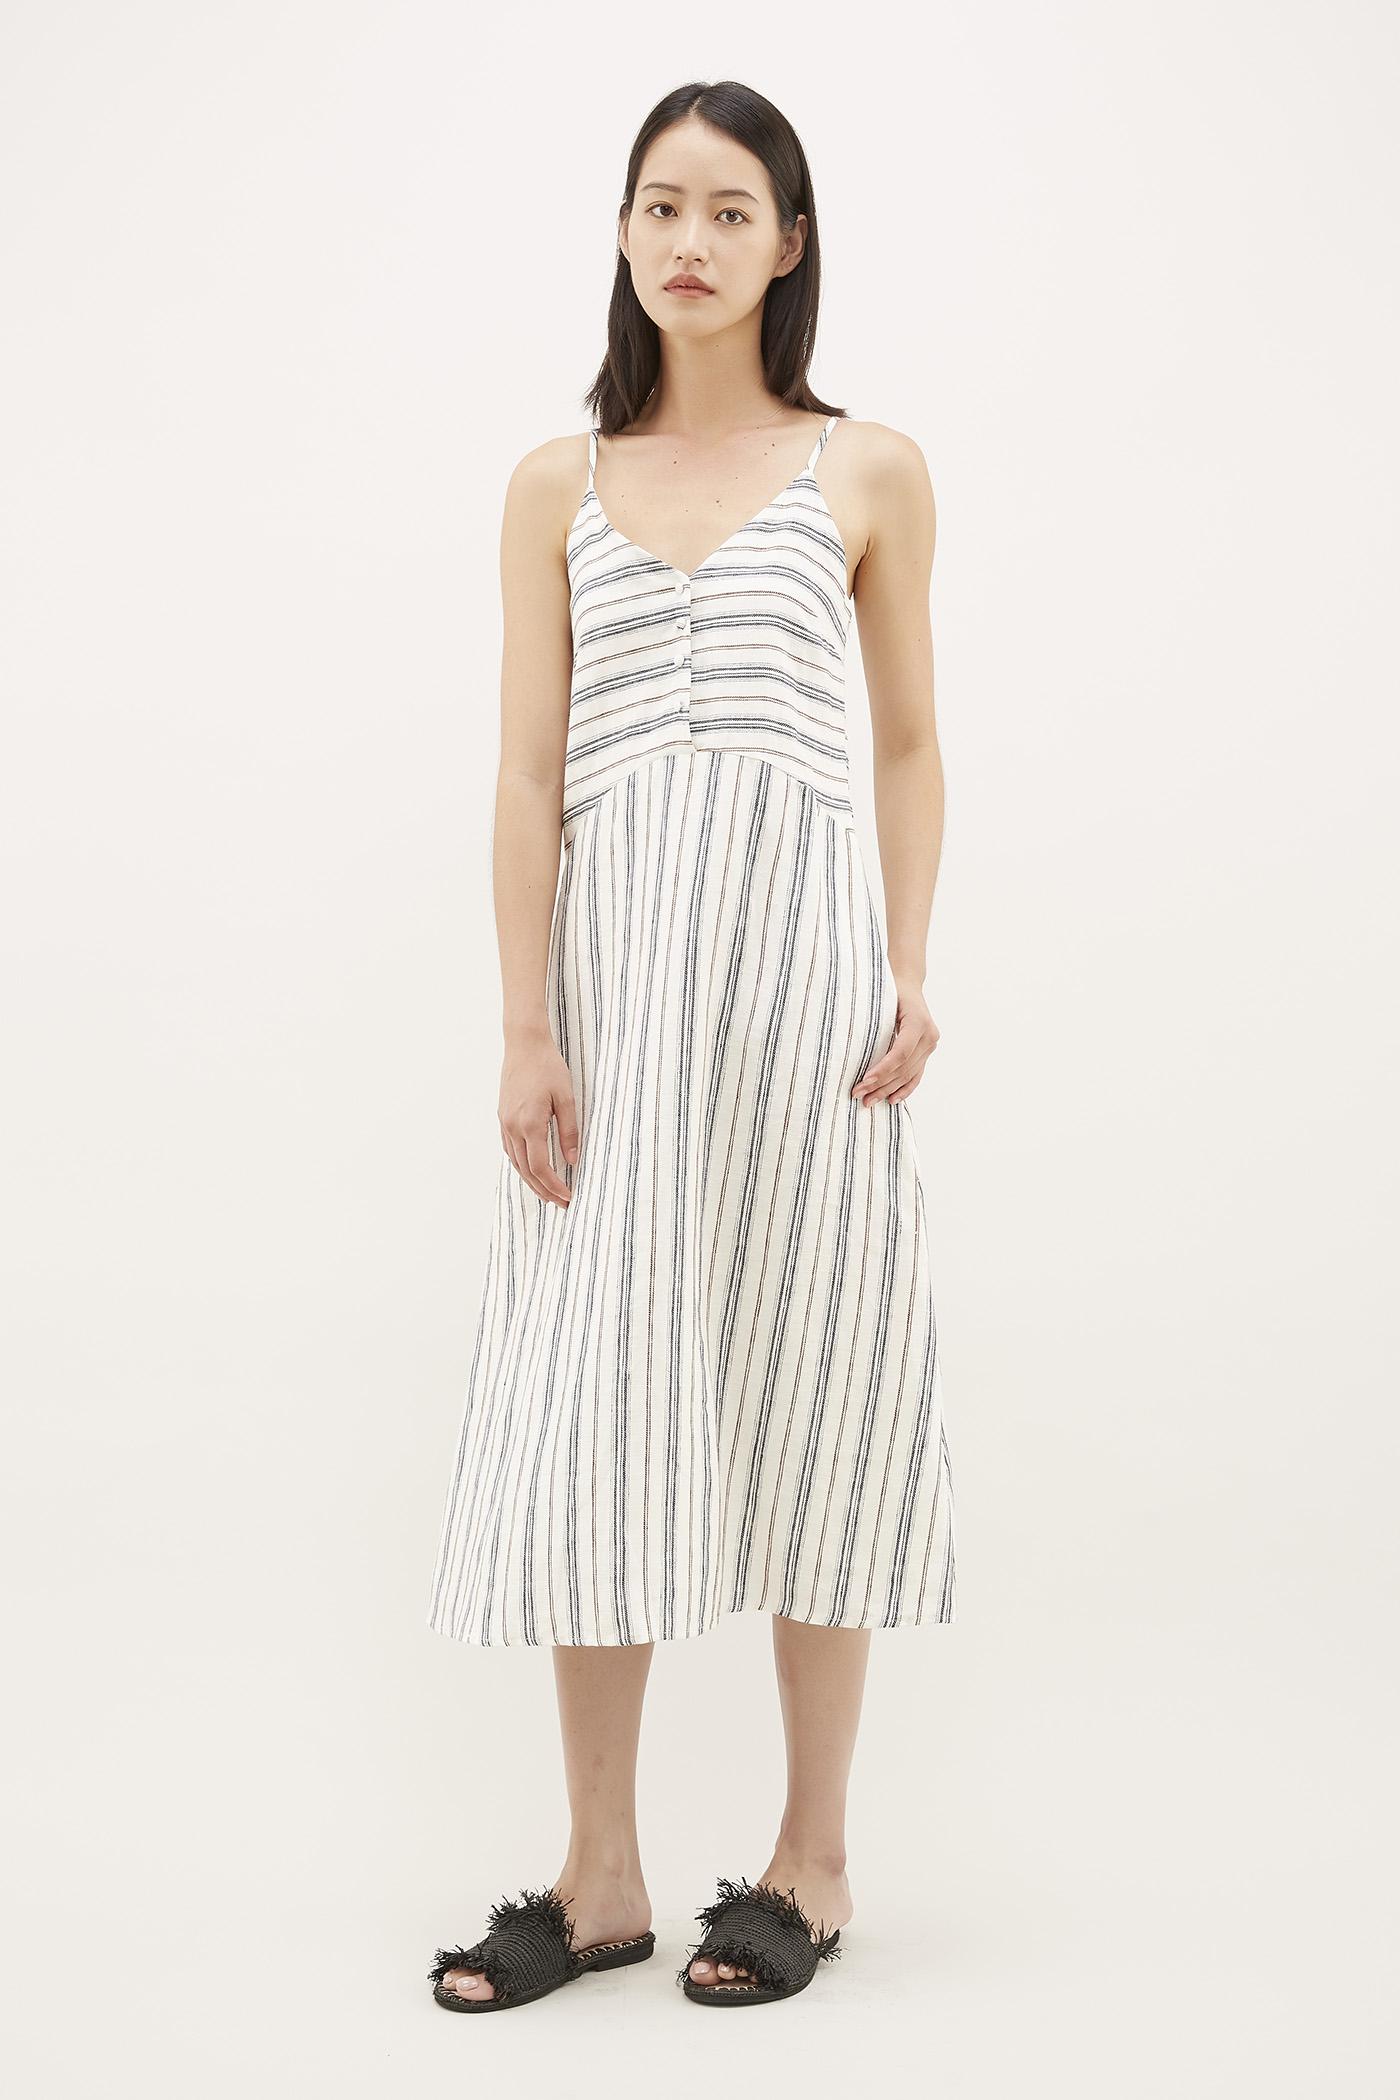 Amvy Oversized Cami Dress